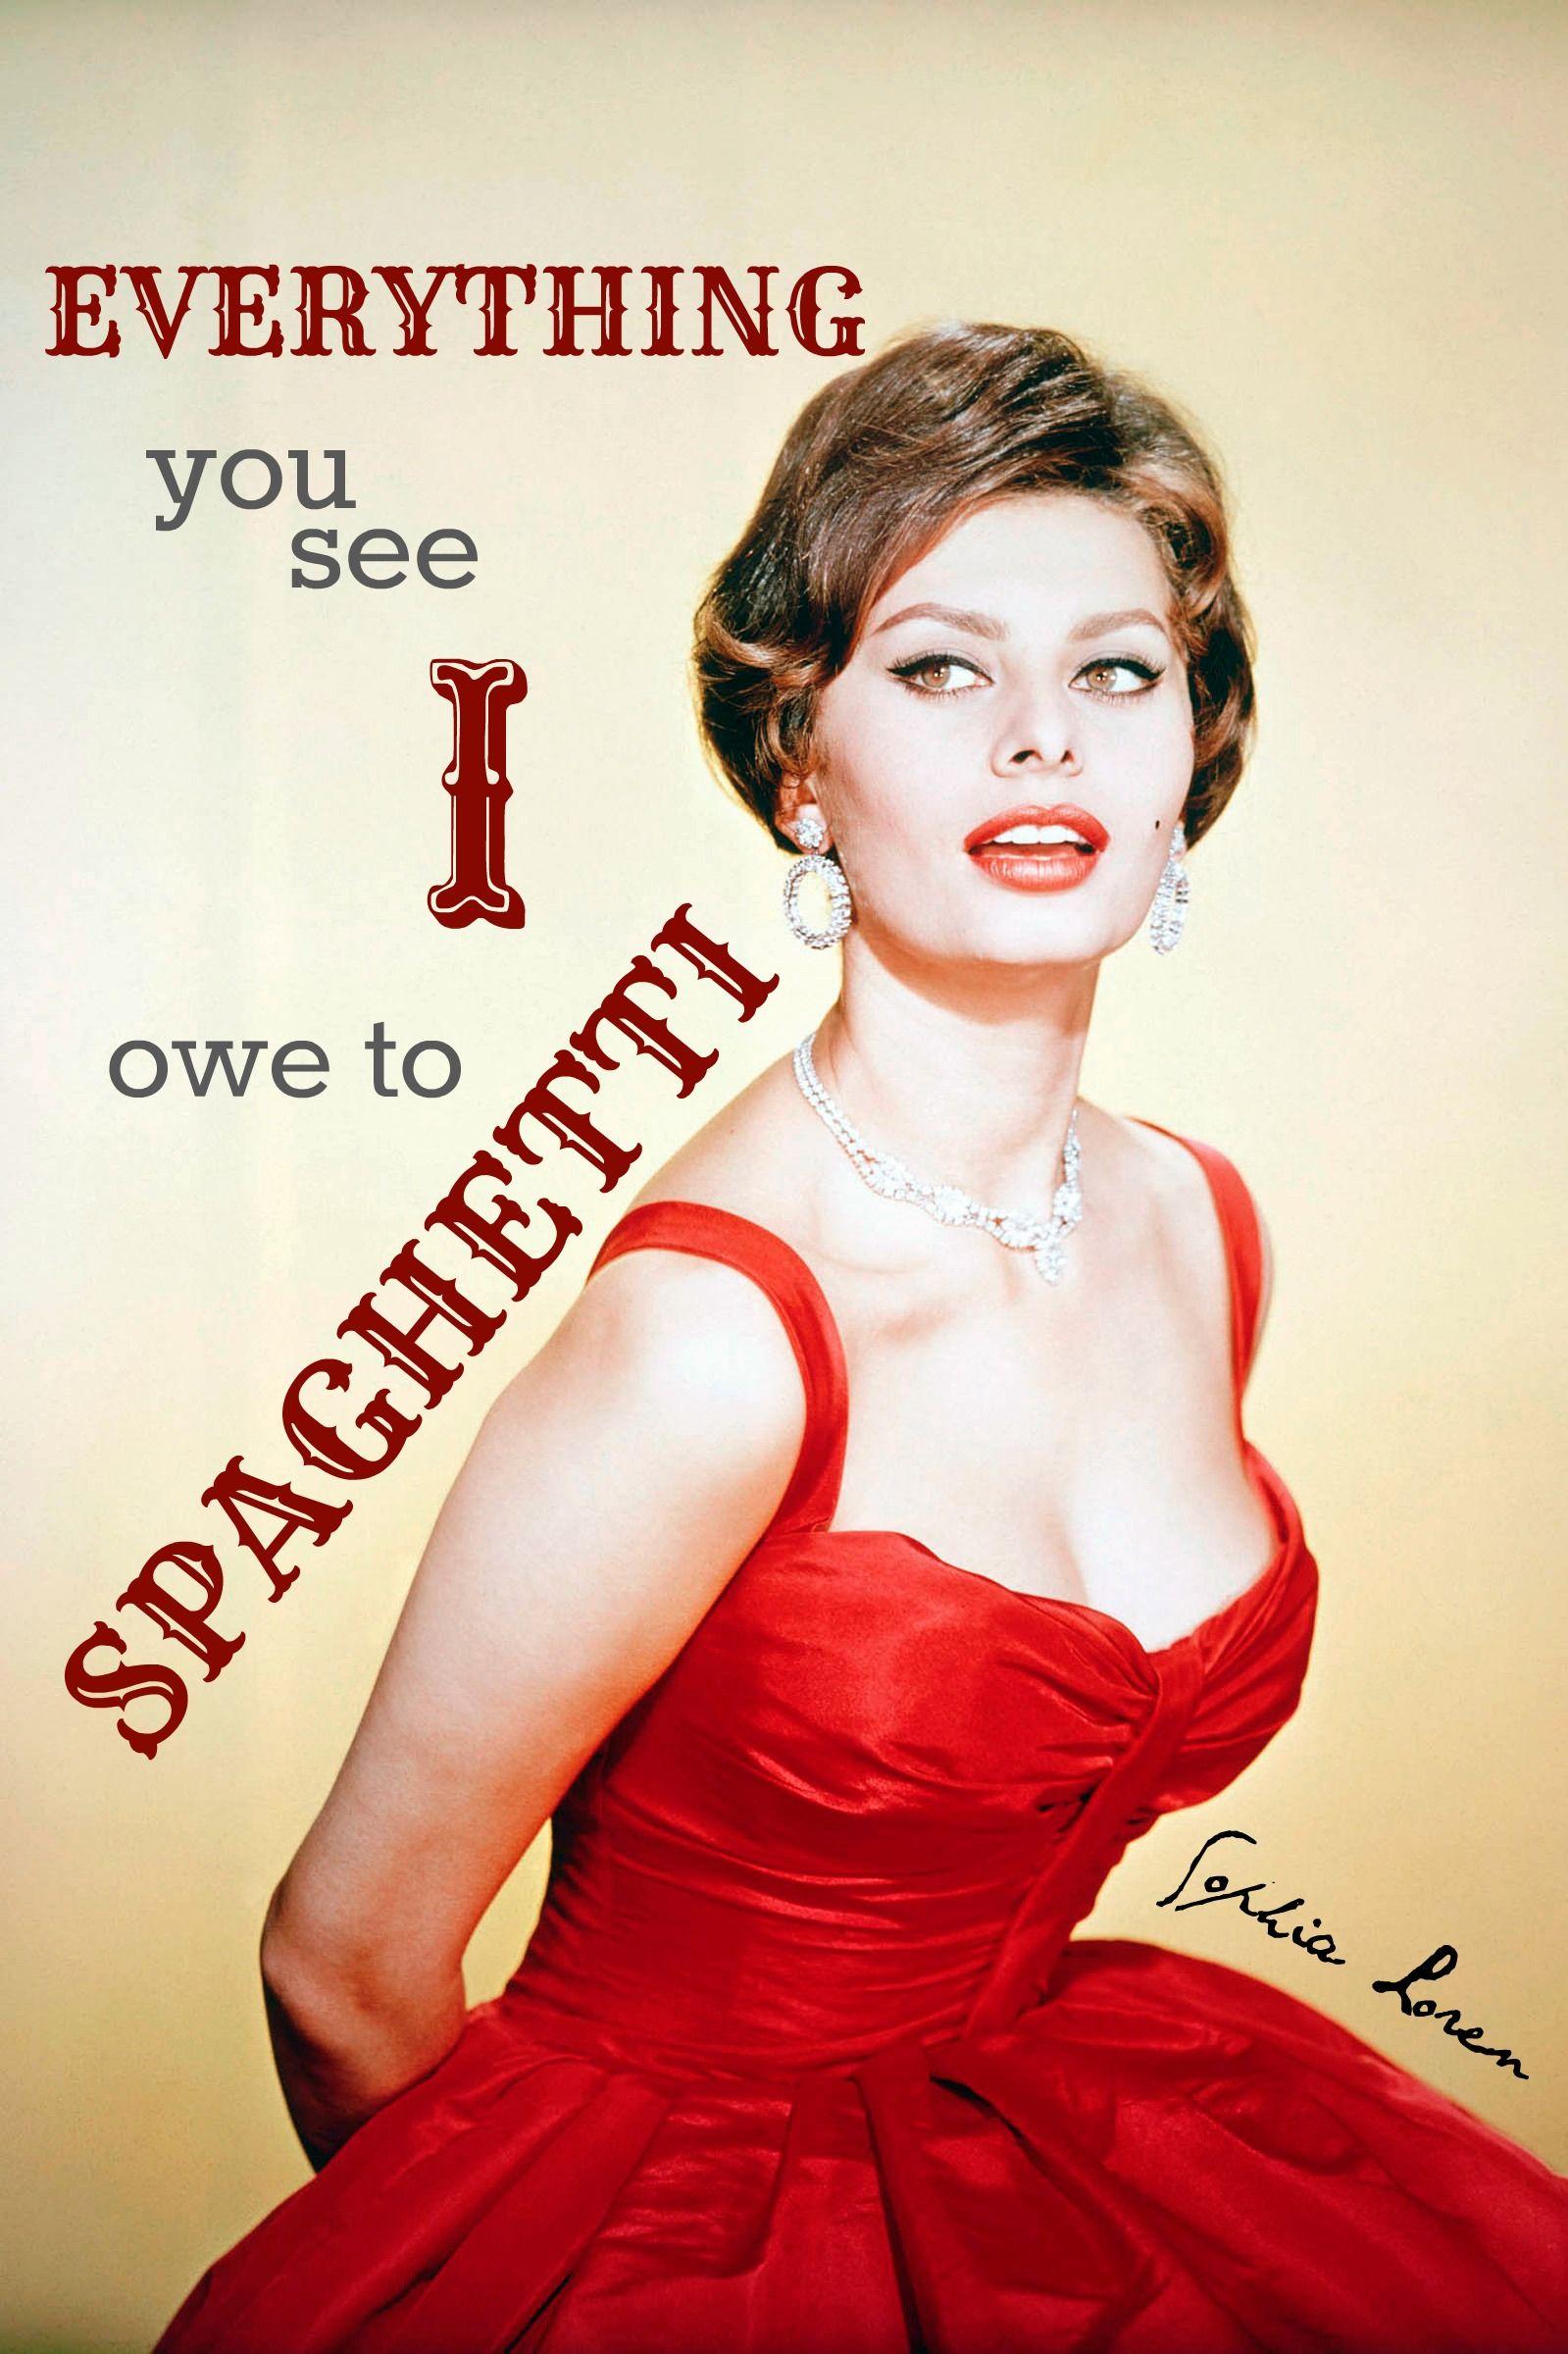 Everything you see I owe to spaghetti. - Sophia Loren ...